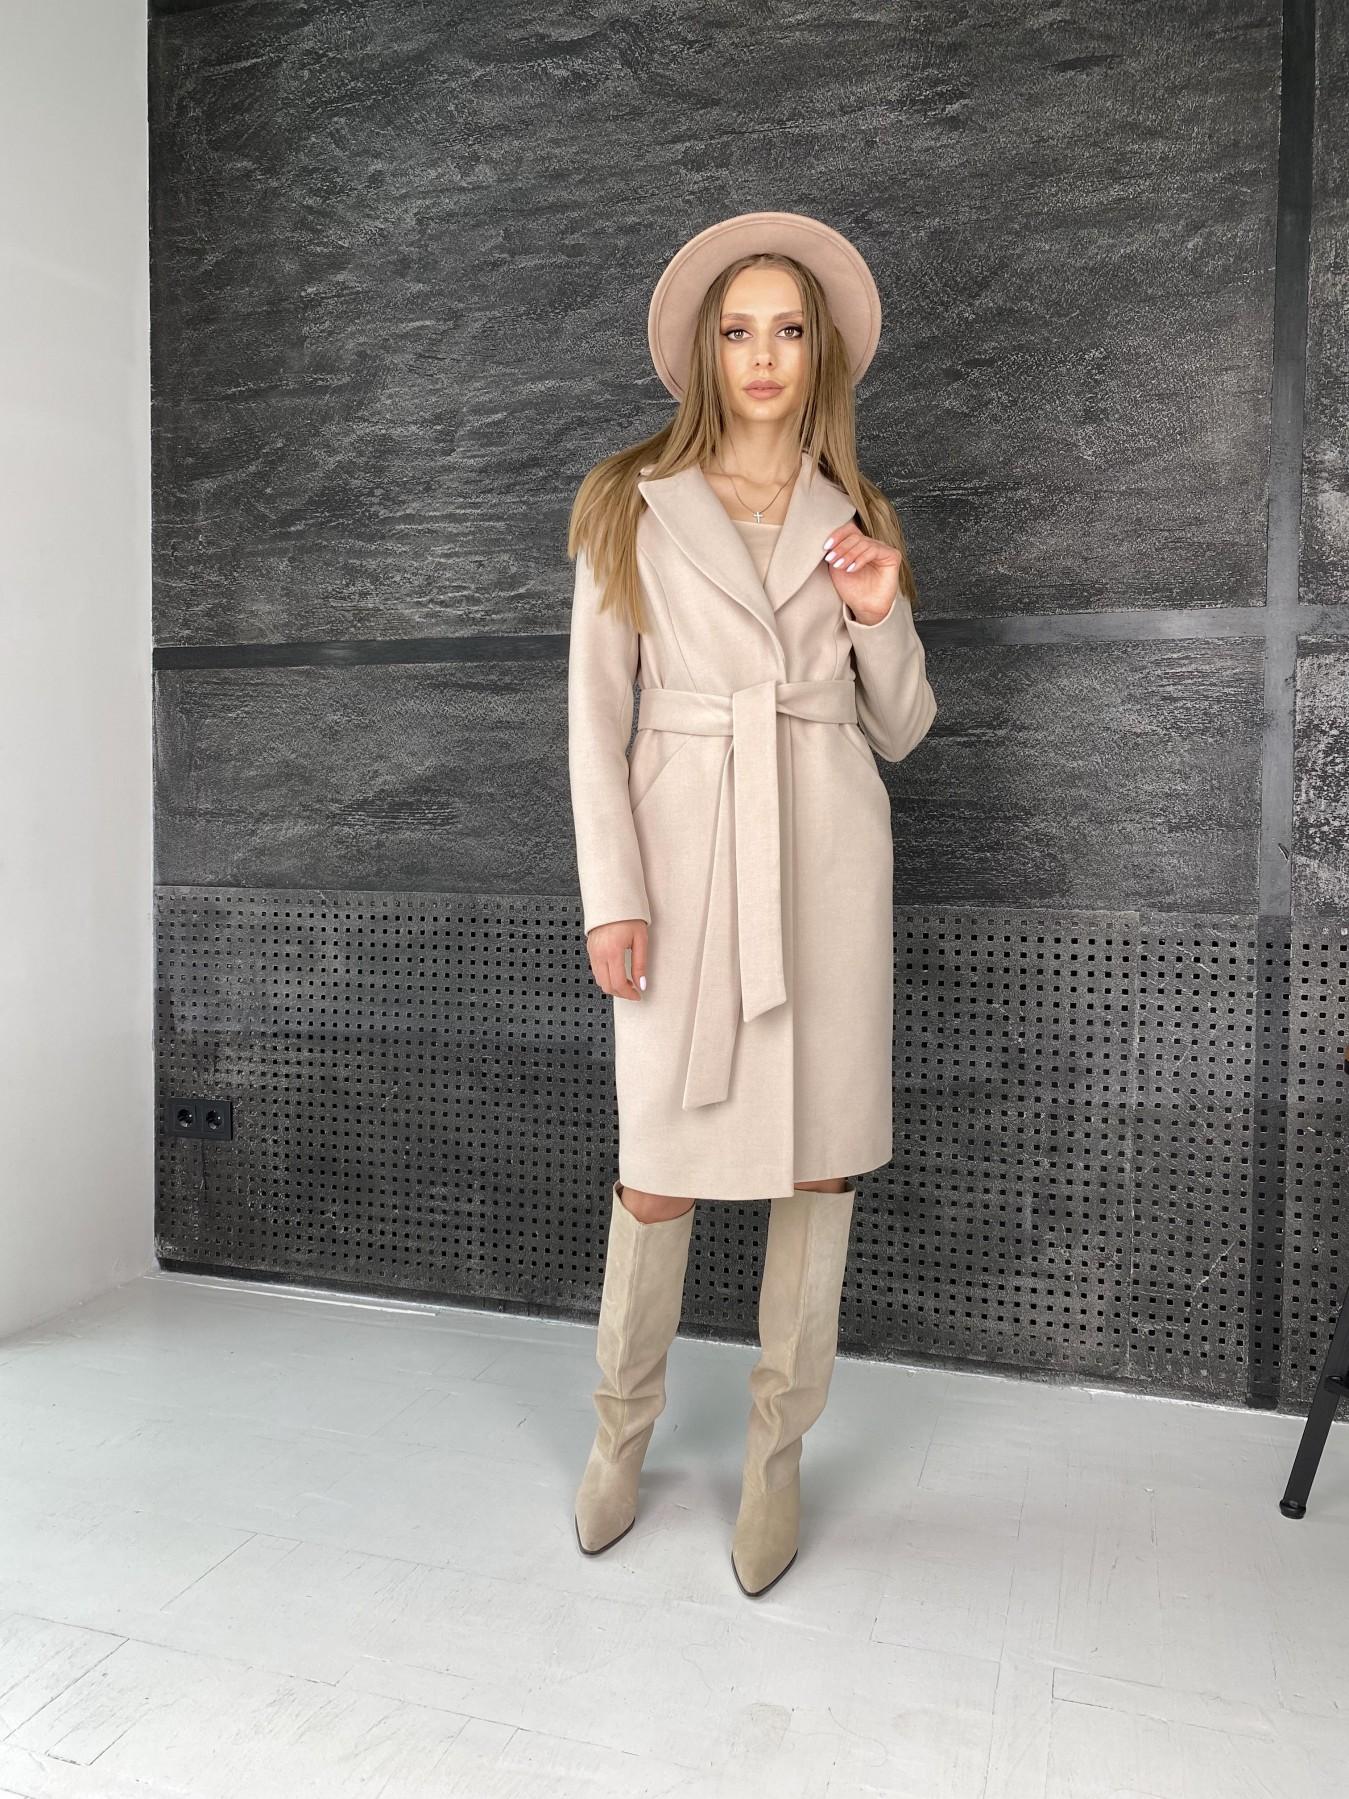 Мехико пальто из гладкого кашемира 10891 АРТ. 47359 Цвет: Кофе - фото 5, интернет магазин tm-modus.ru